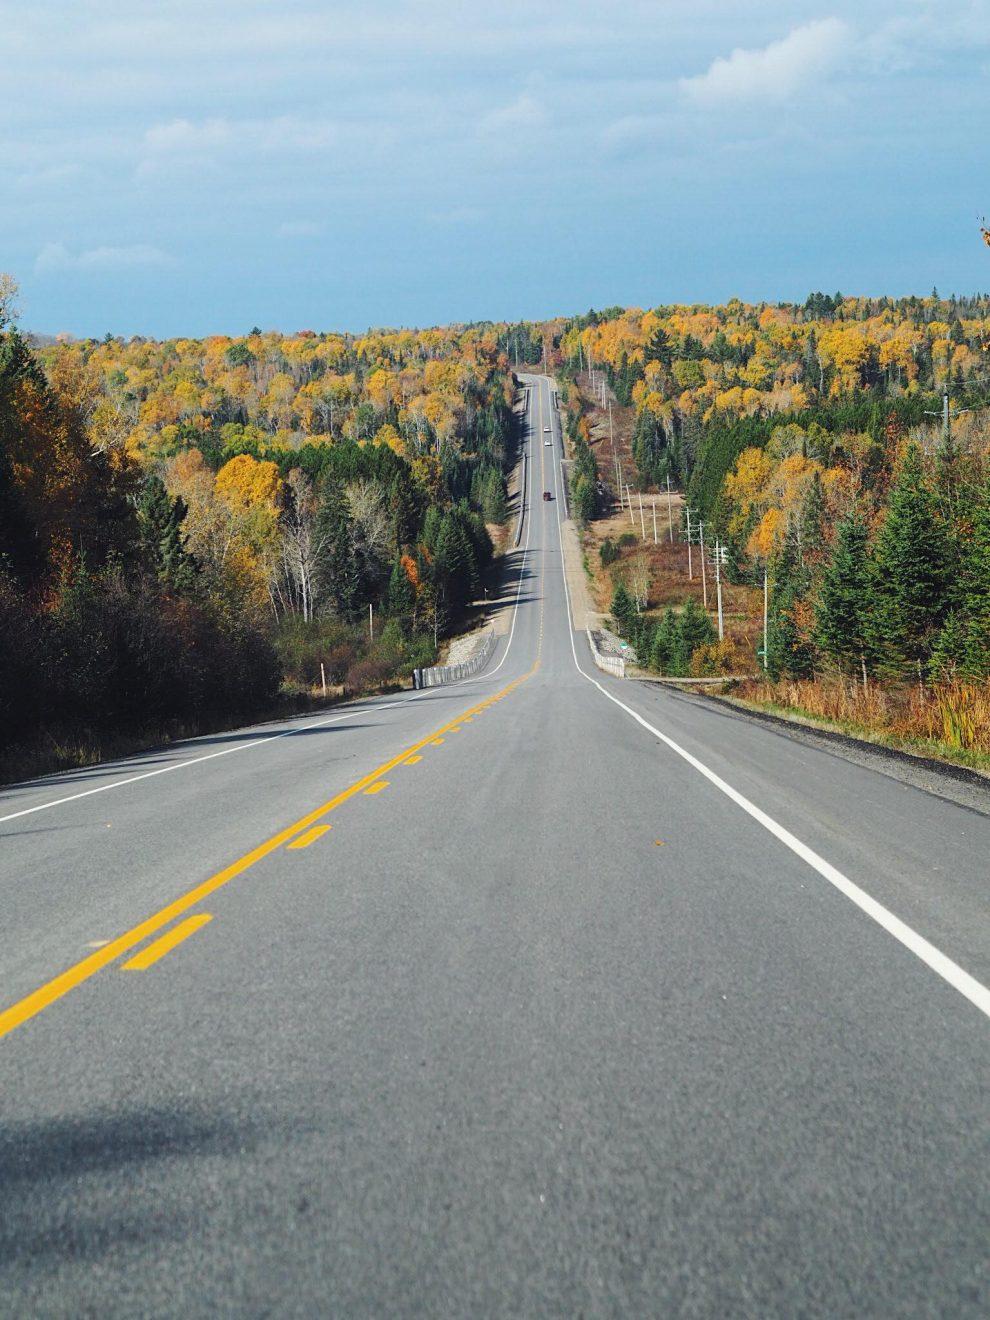 Oost Canada roadtrip. De mooiste route van Montréal naar Toronto. Rondreis Oost Canada